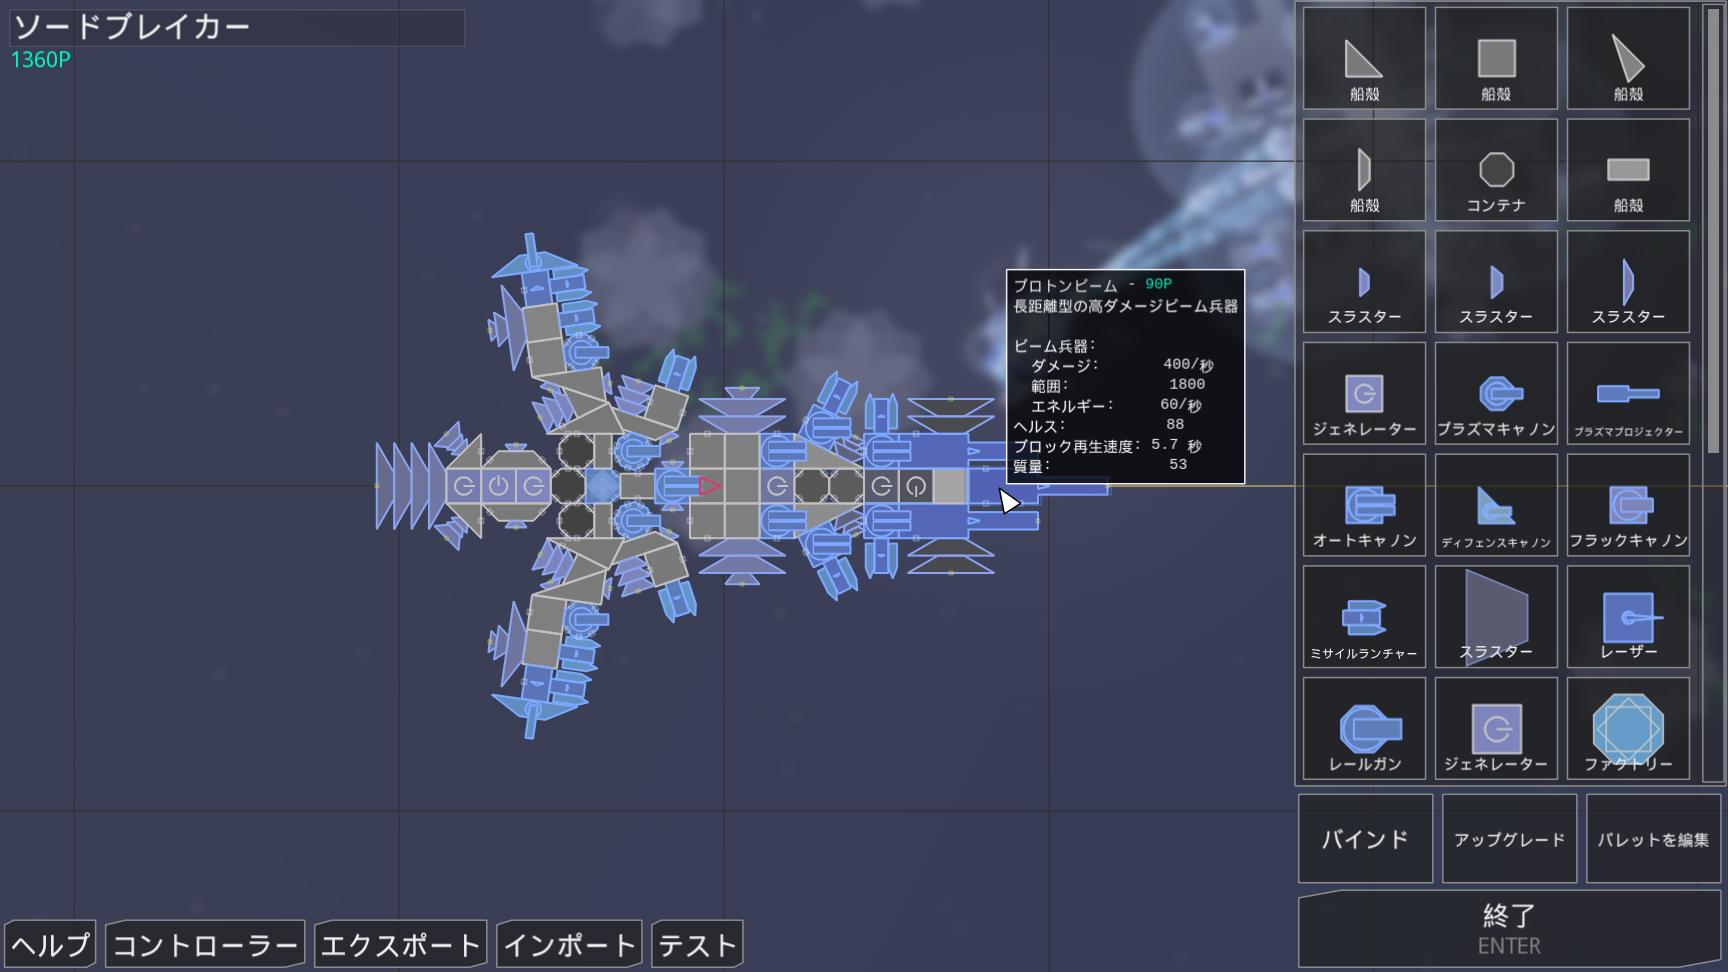 パーツや武器を組み合わせて自由に宇宙船が作れる